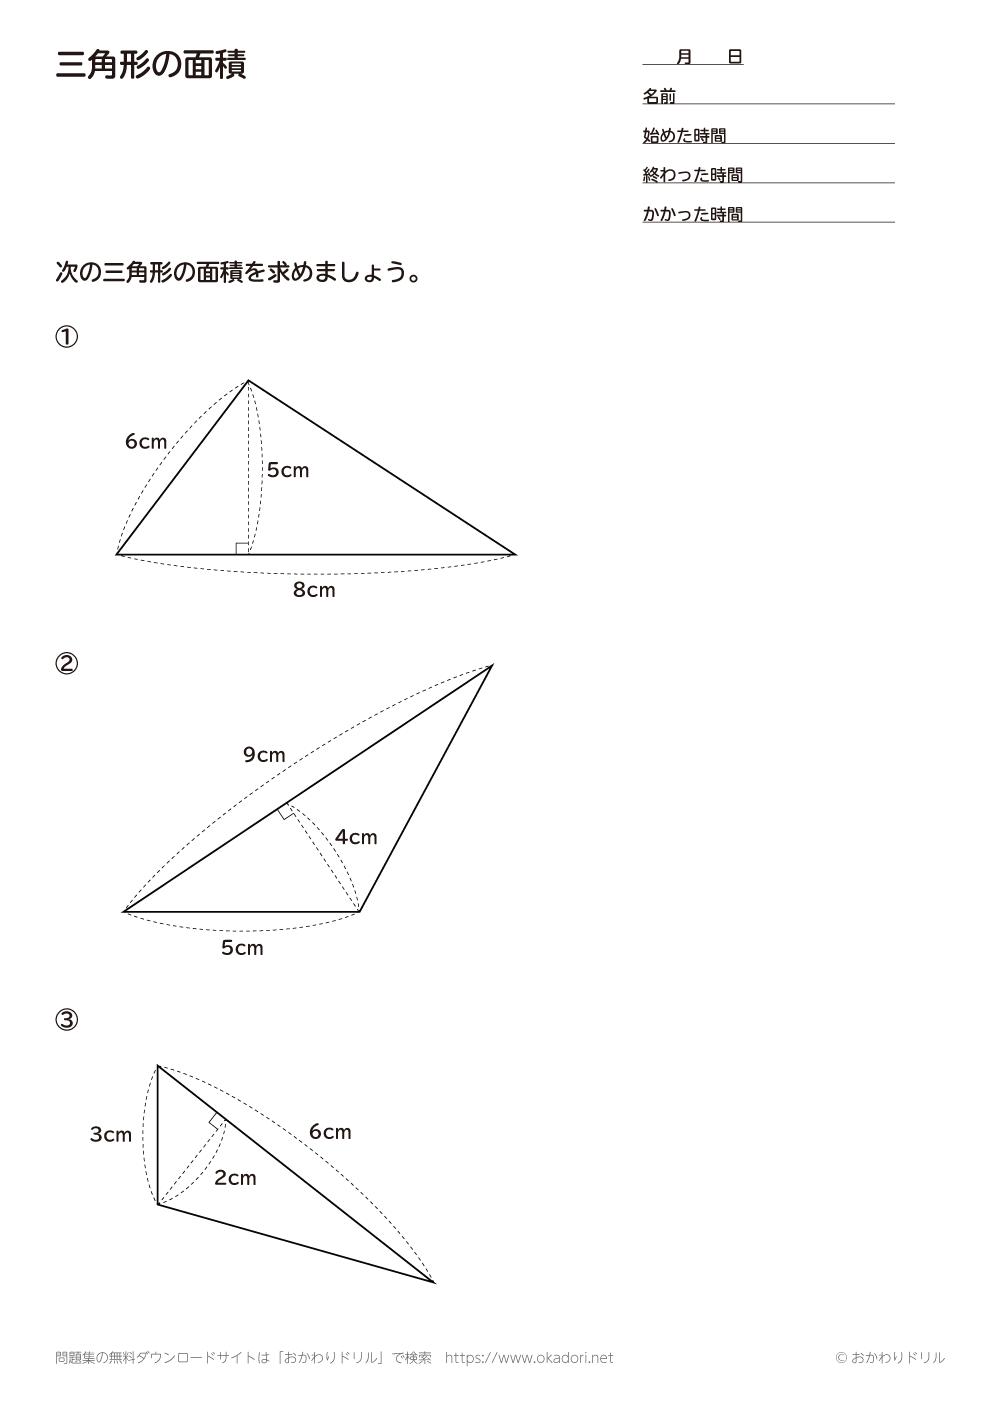 三角形の面積2